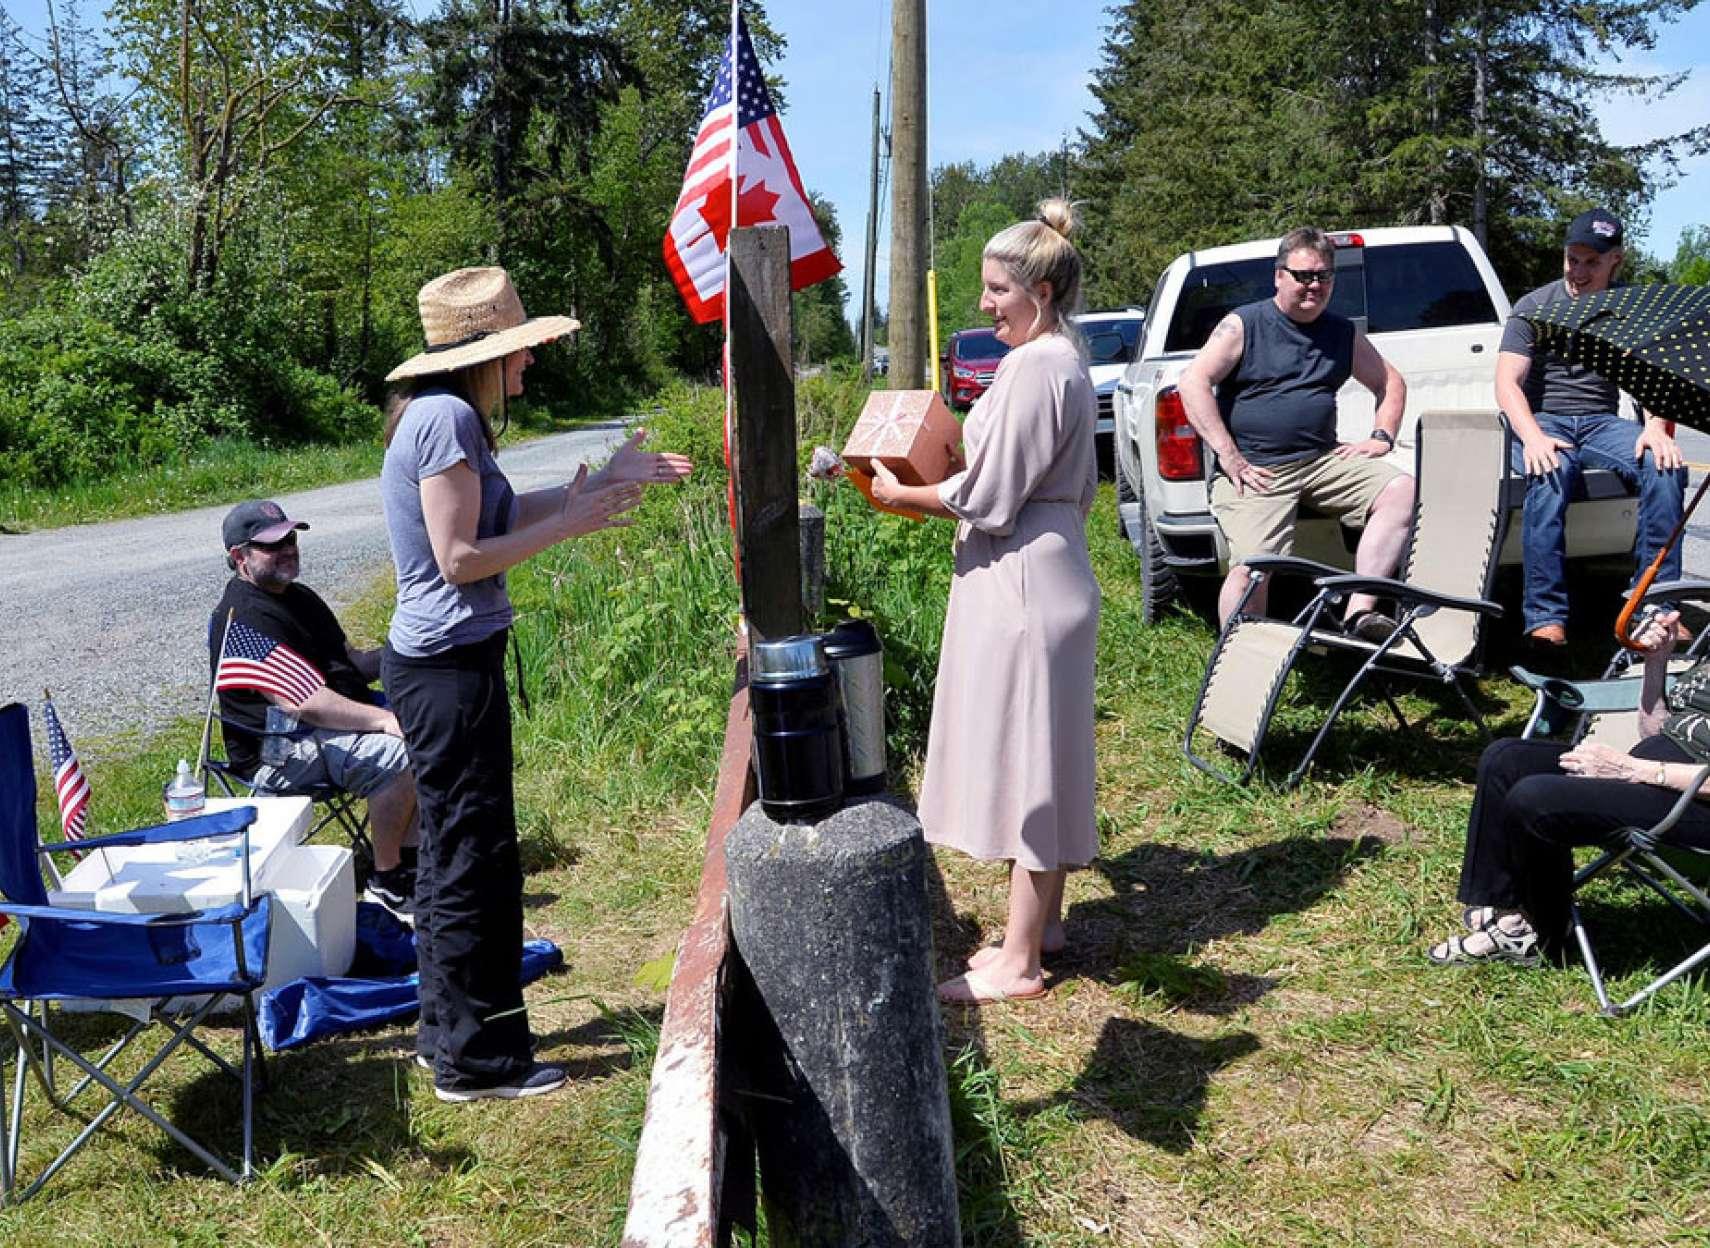 خبر-کانادا-ترودو-امروز-برخی-از-محدودیت-های-سفرهای-خارجی-را-کاهش-می-دهد